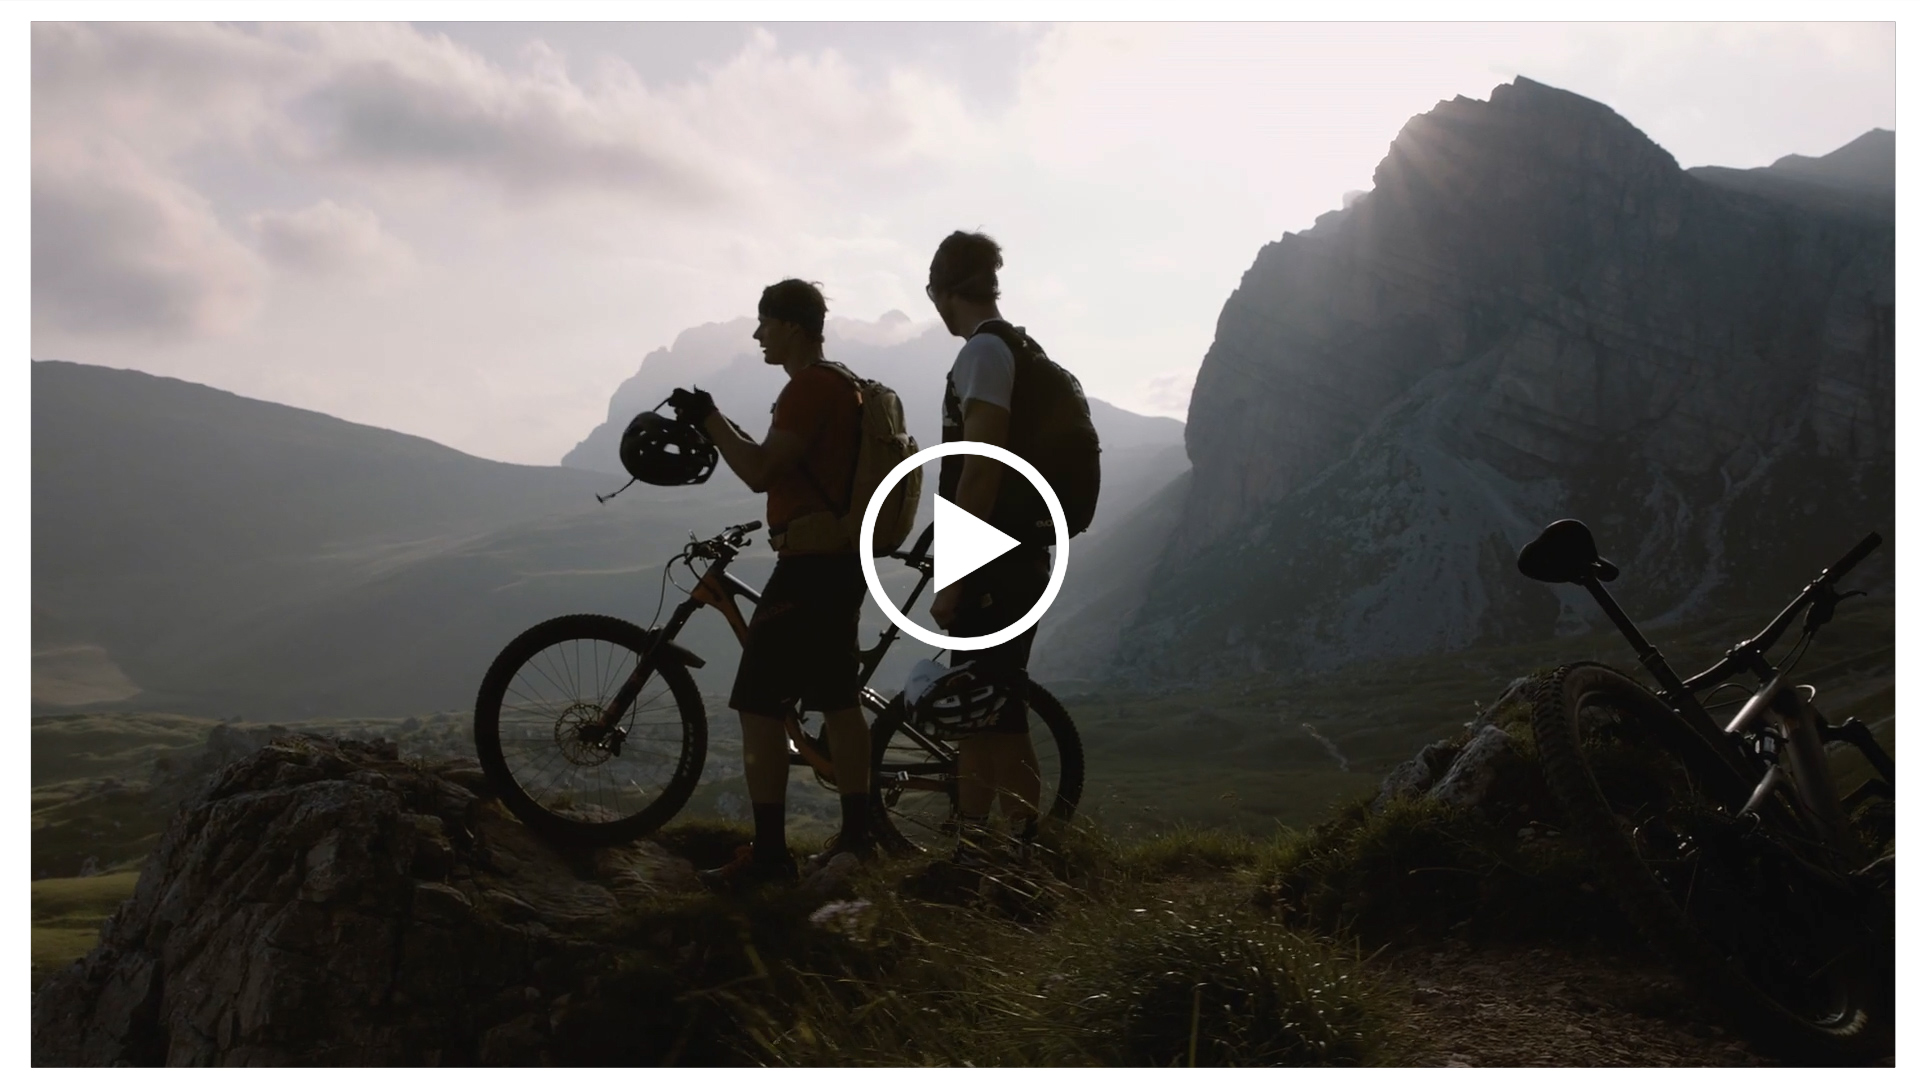 reel-cycling-dop-mario-entero